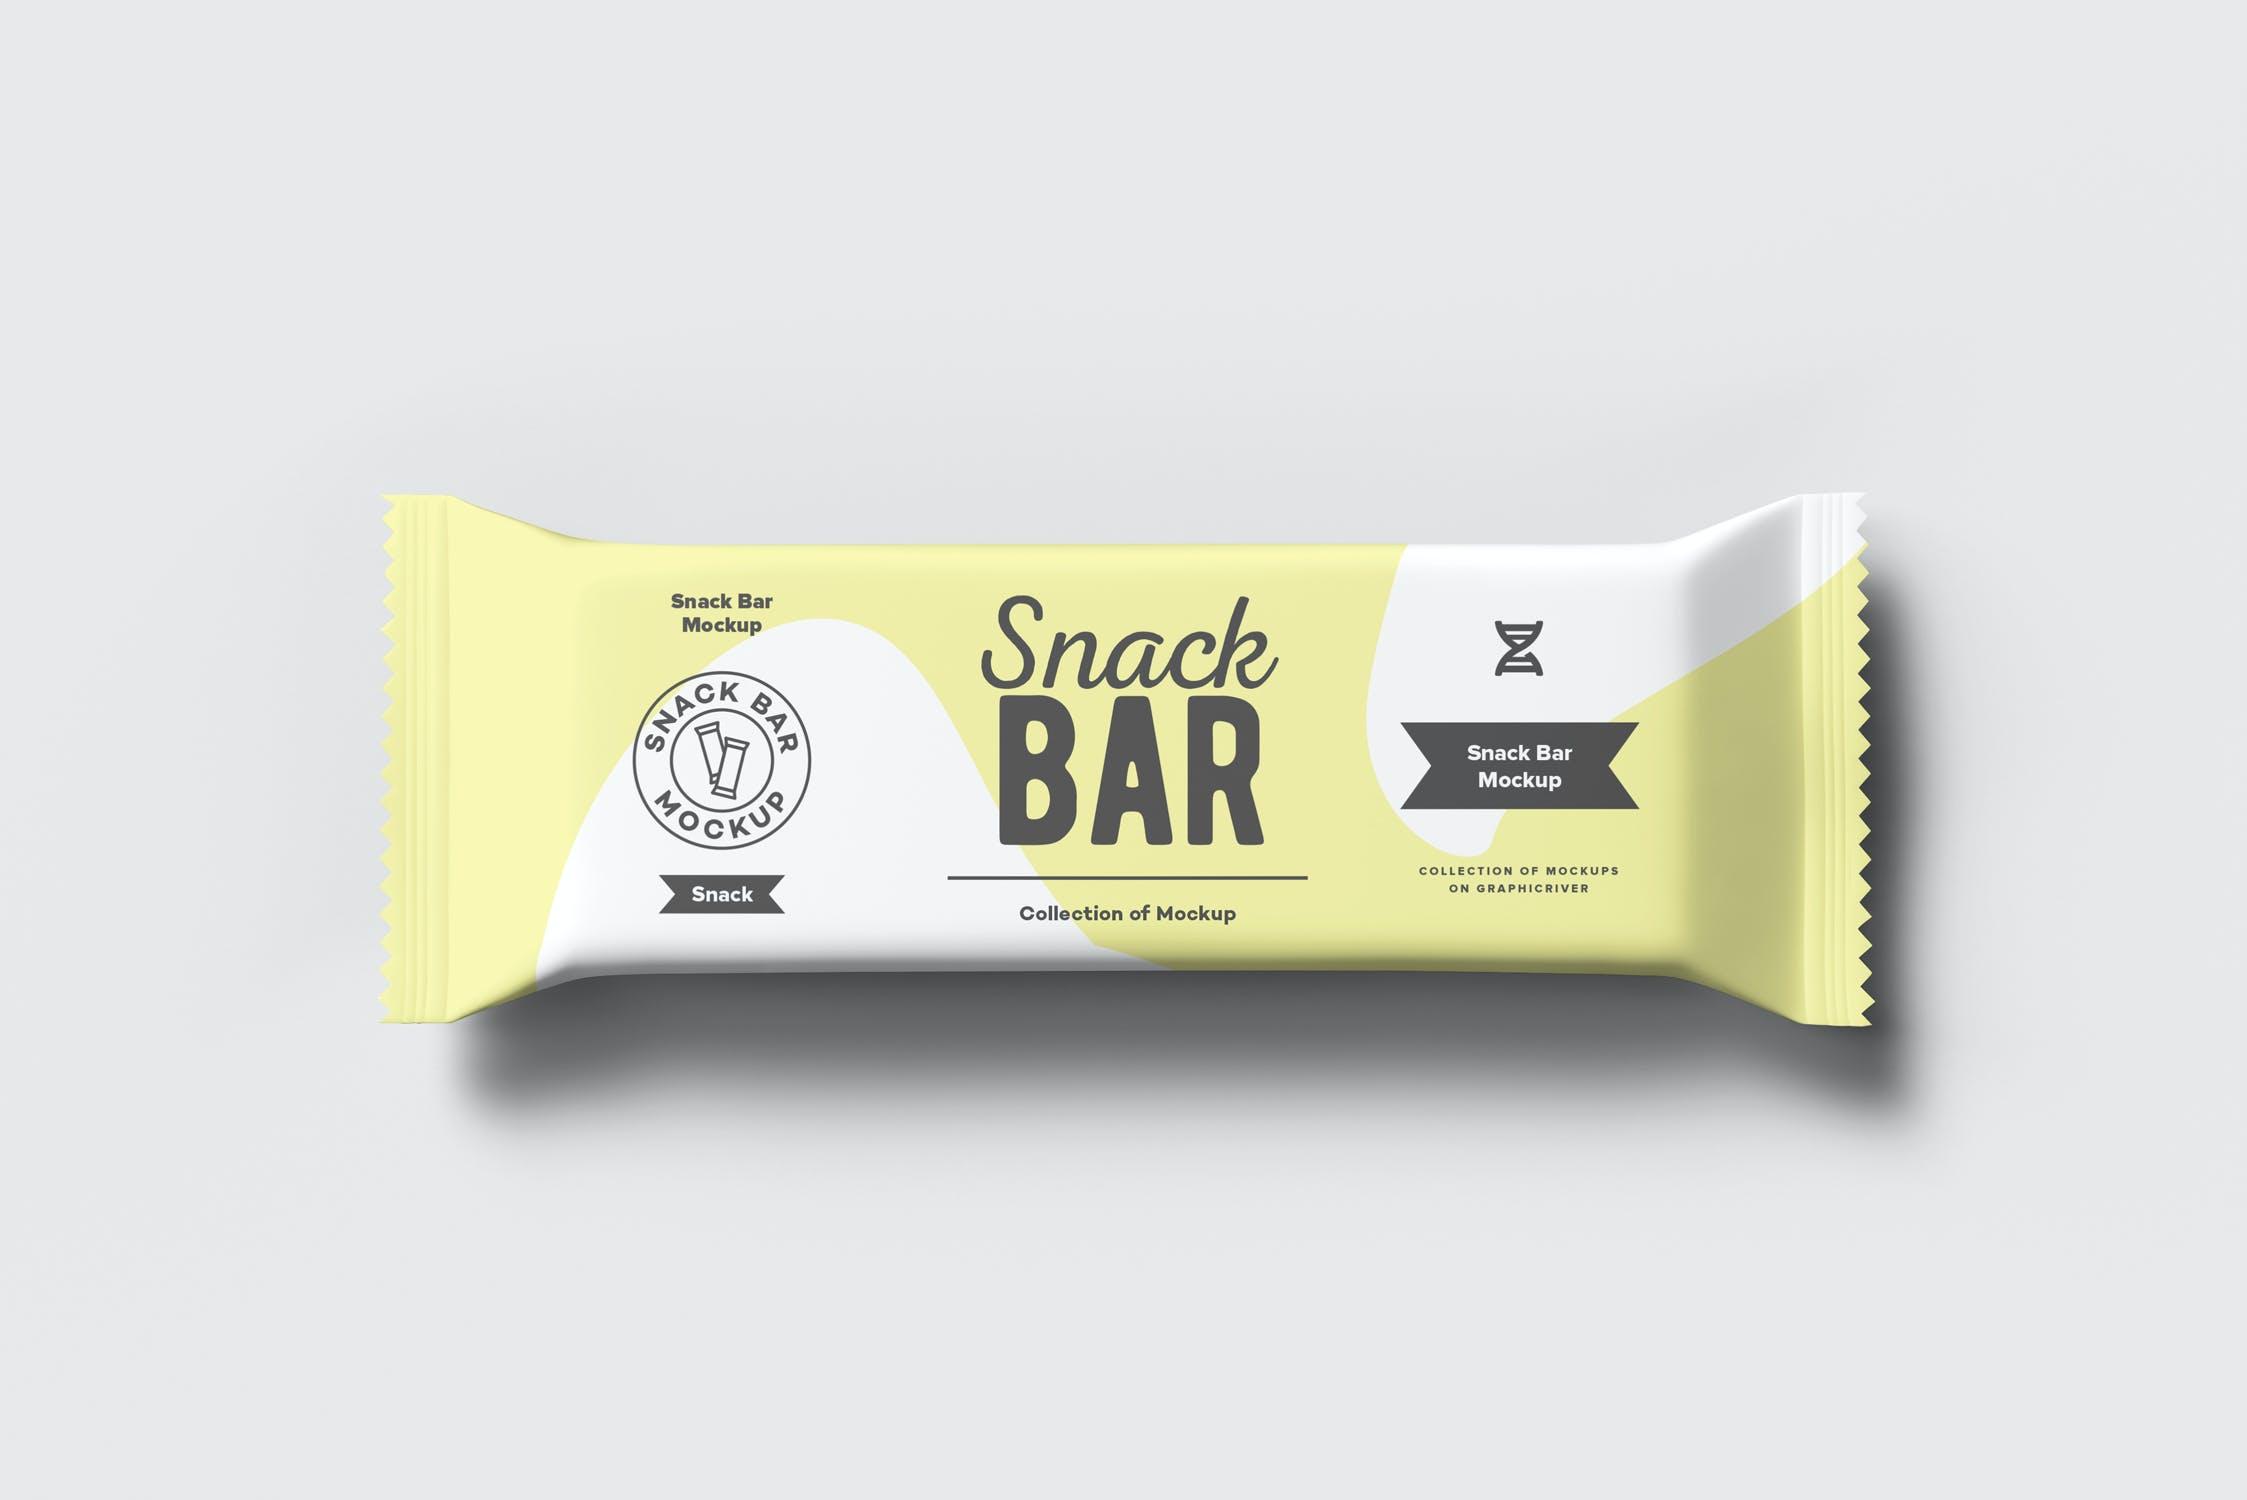 7款巧克力棒小零食塑料袋设计展示样机 Snack Bar Mockup插图